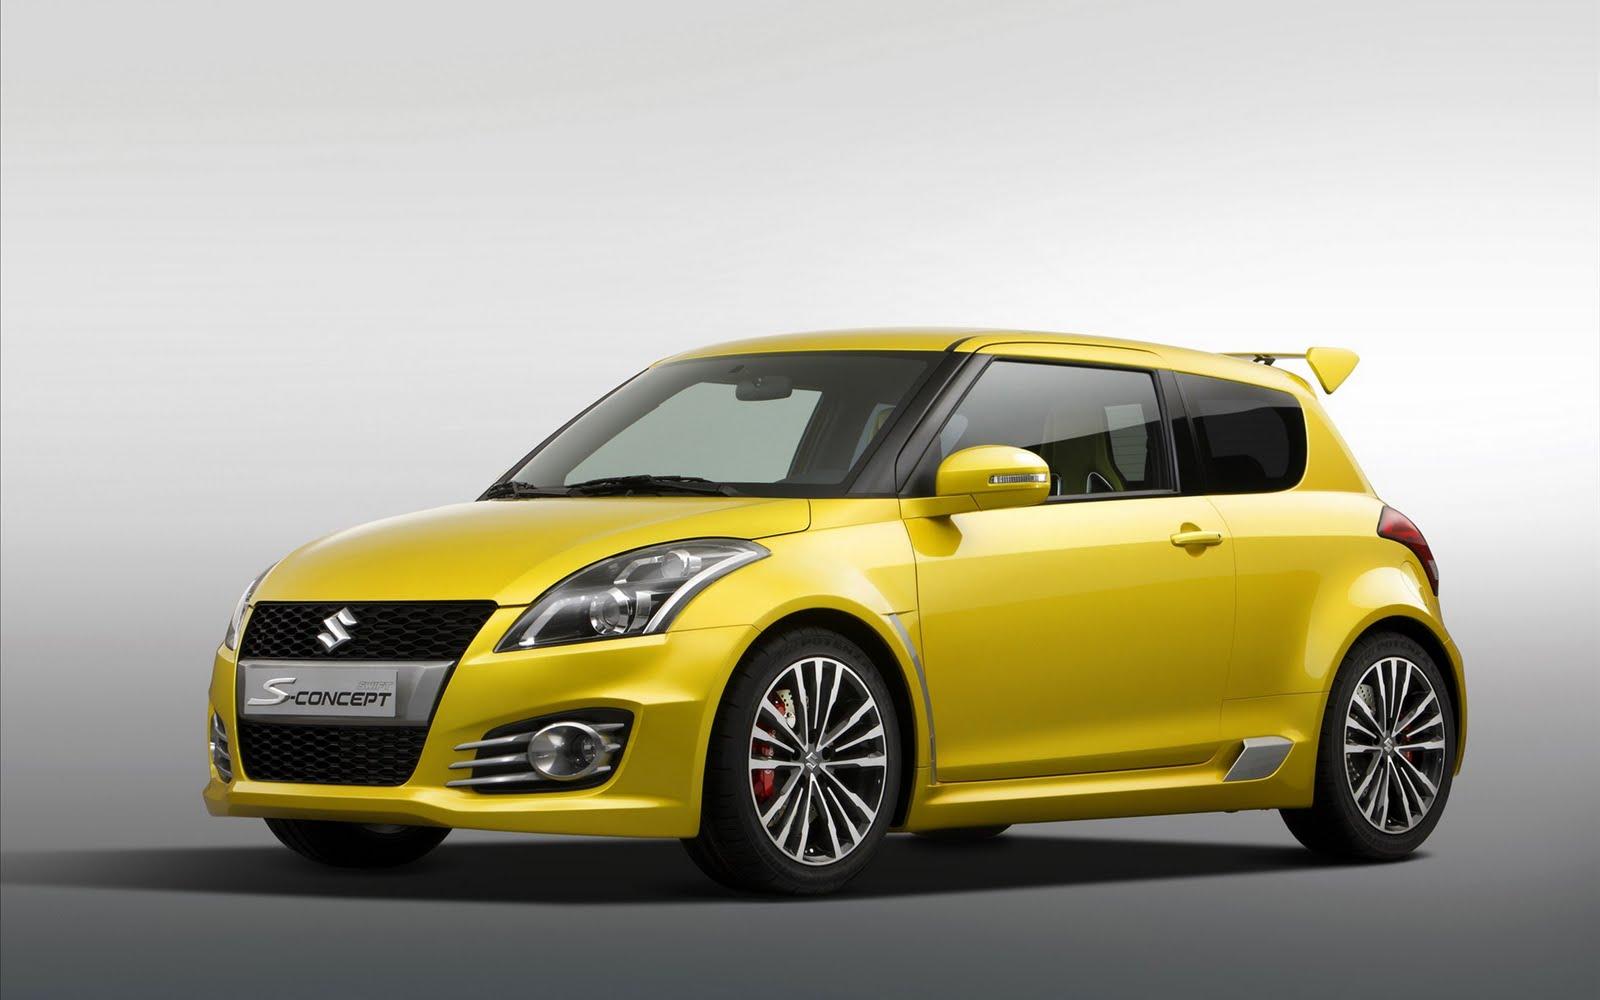 http://1.bp.blogspot.com/-H2D678SH-PY/TW77BGwsowI/AAAAAAAAF0c/dWmr-vWRIoc/s1600/Suzuki-Swift-S-Concept-2011-widescreen-07.jpg